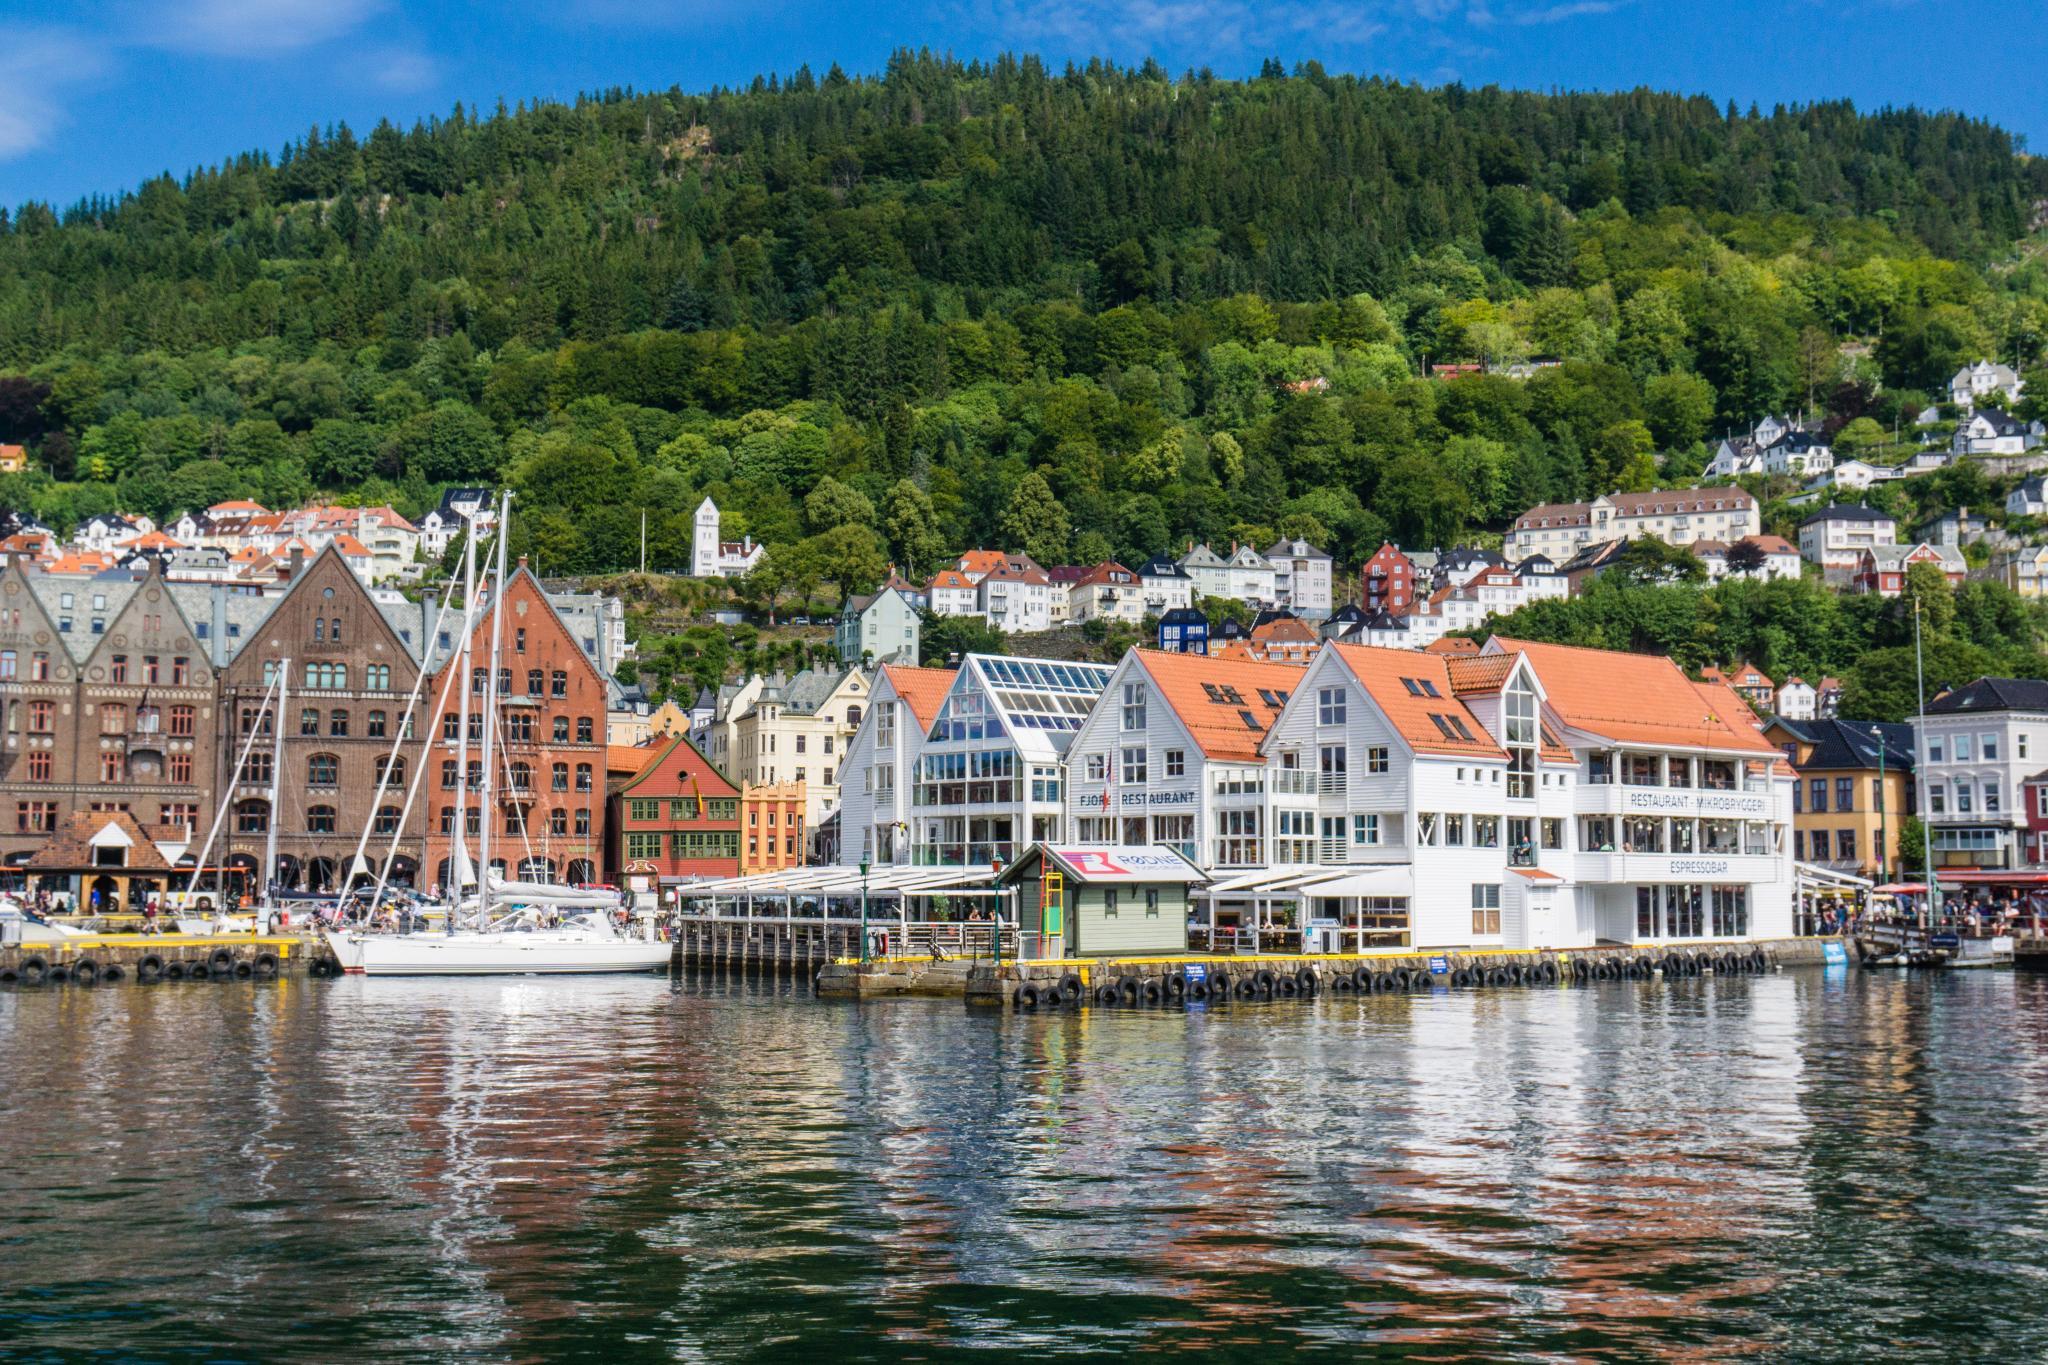 【卑爾根】童話北歐!卑爾根自由行景點全攻略 131